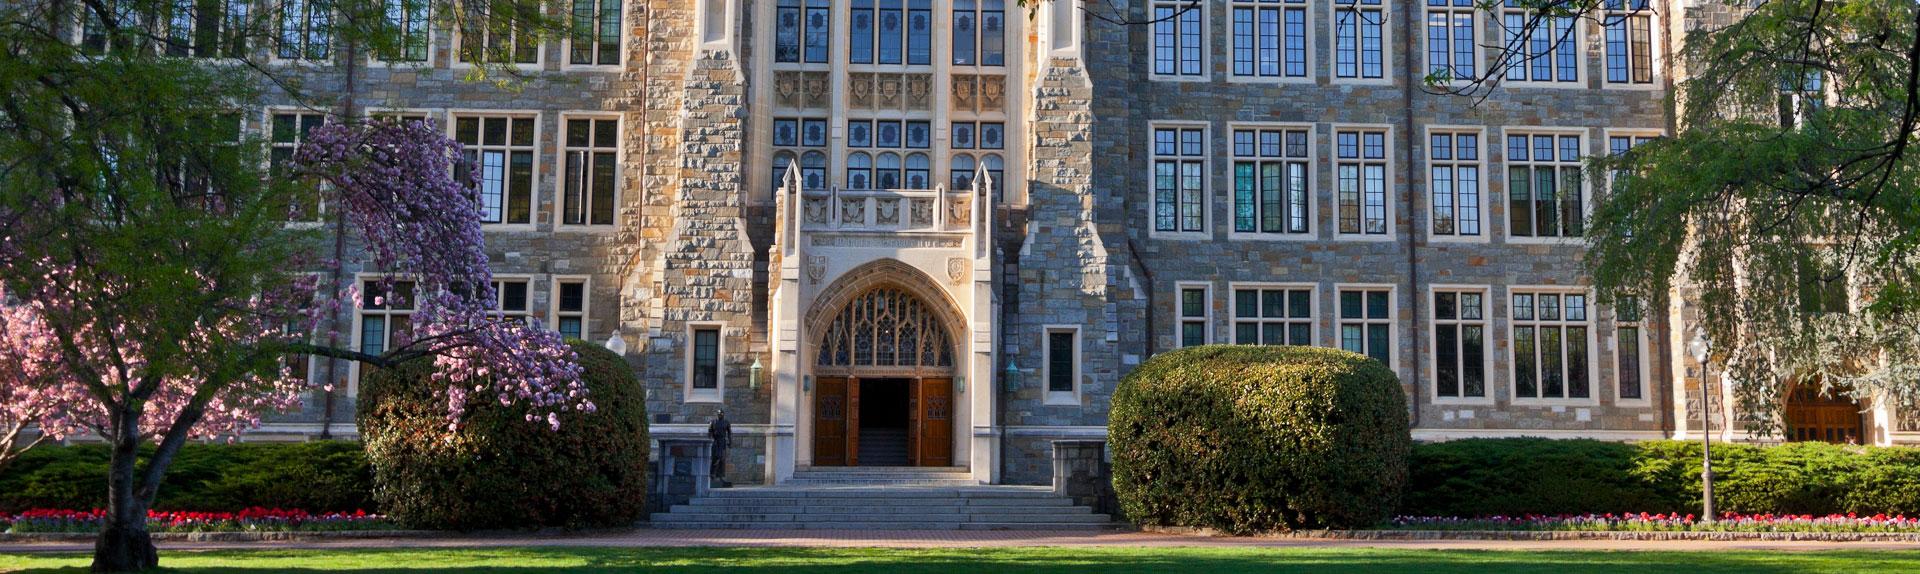 Georgetown Washington University of Melrose Georgetown, Washington